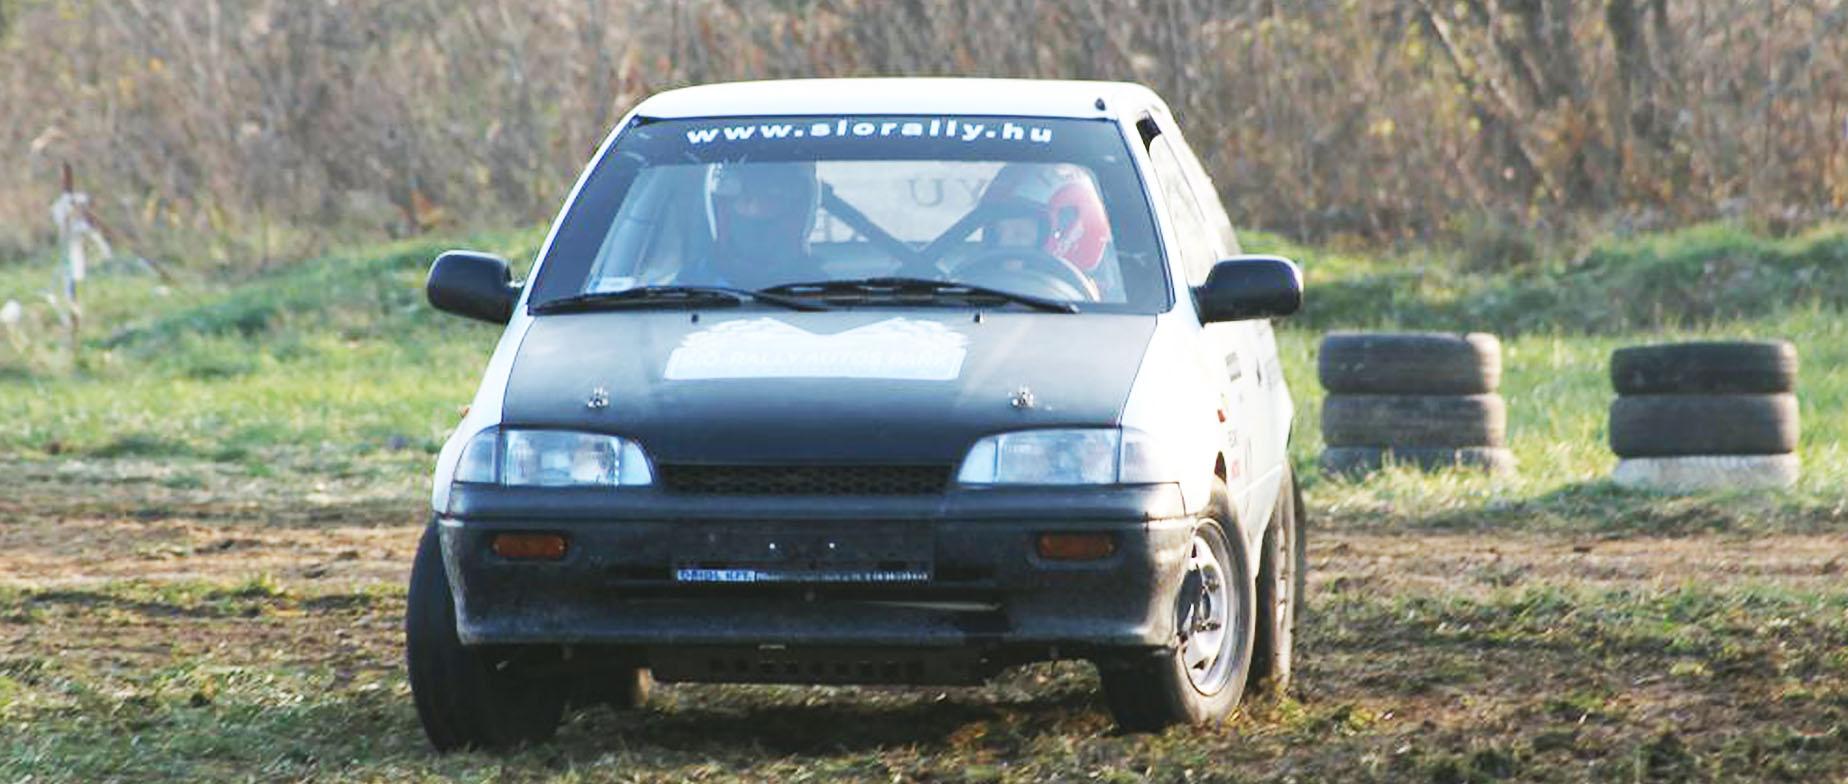 Rally autó vezetés gyerekeknek